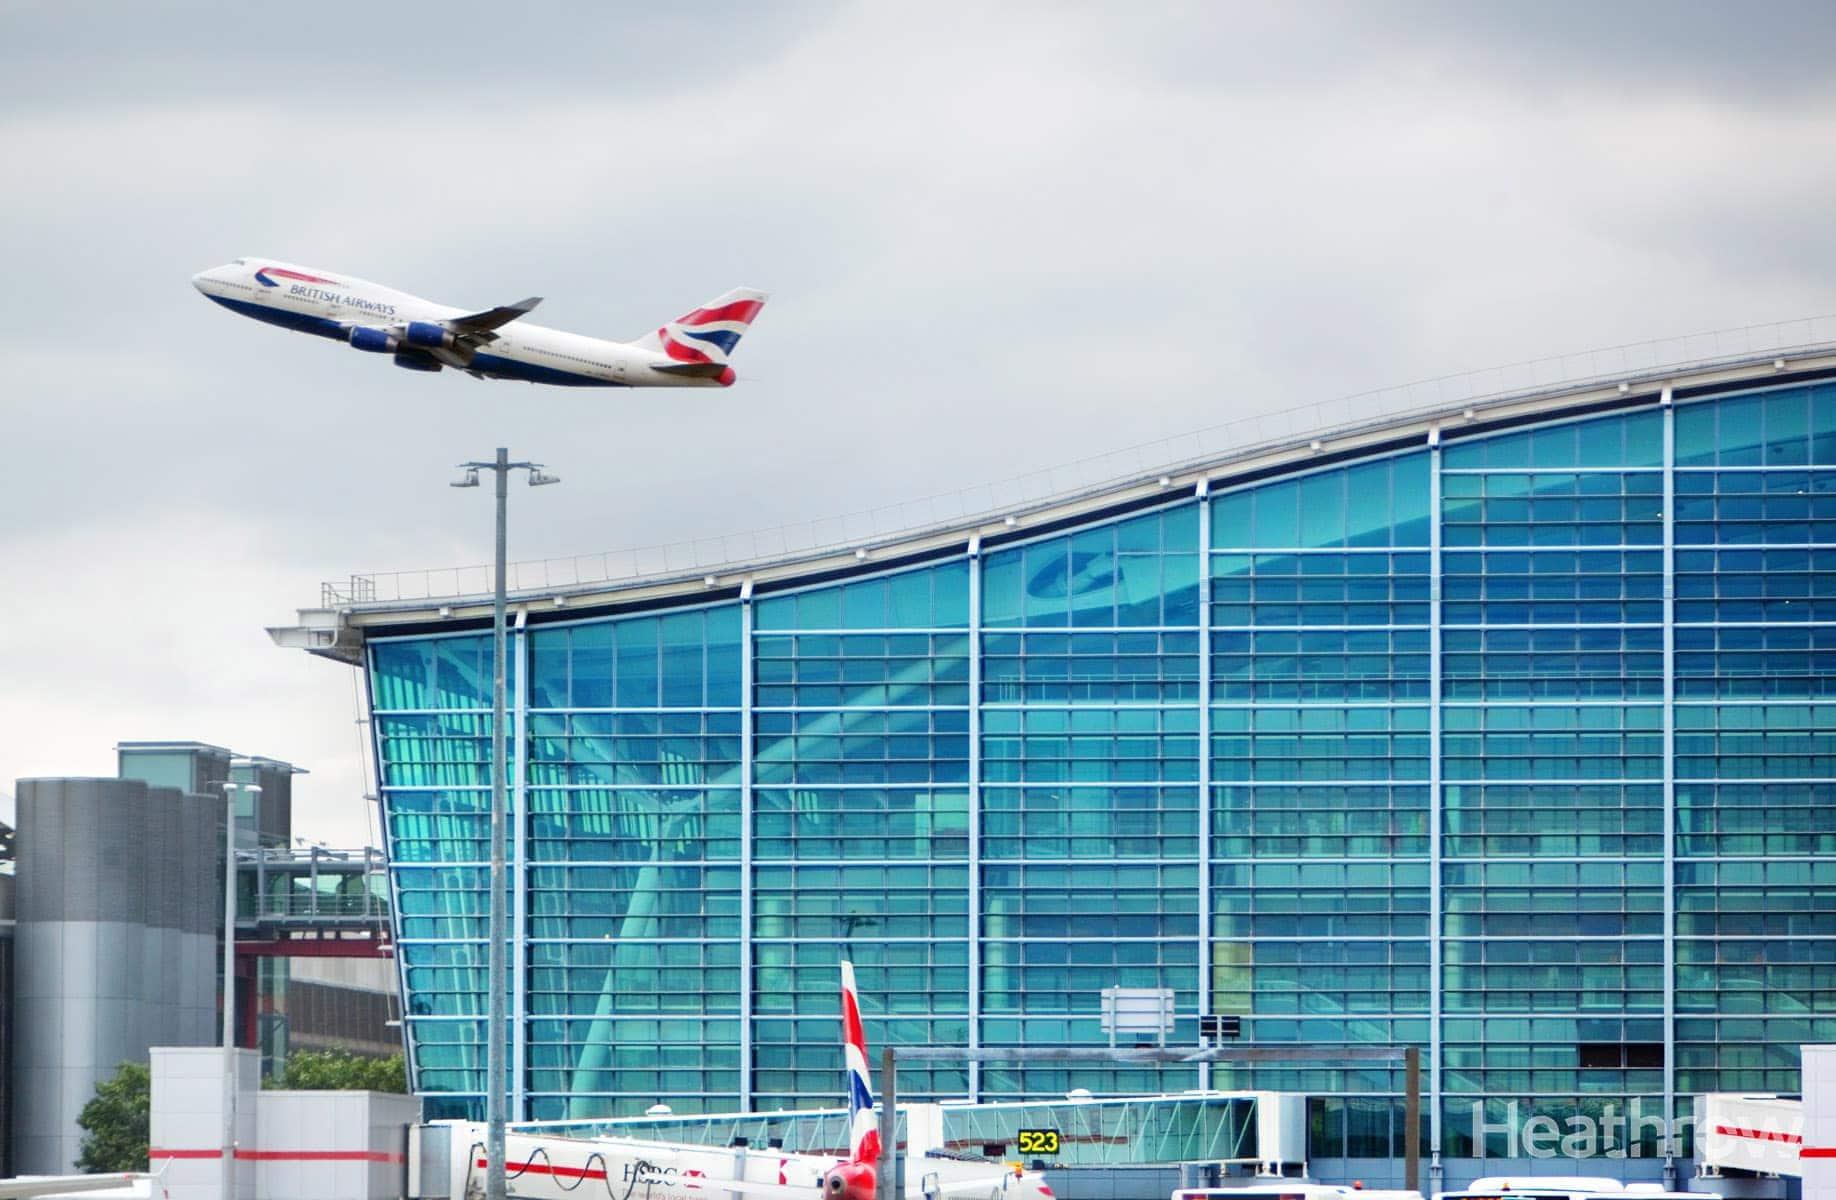 Imagen de un avión despegando frente a la terminal de salidas de Heathrow